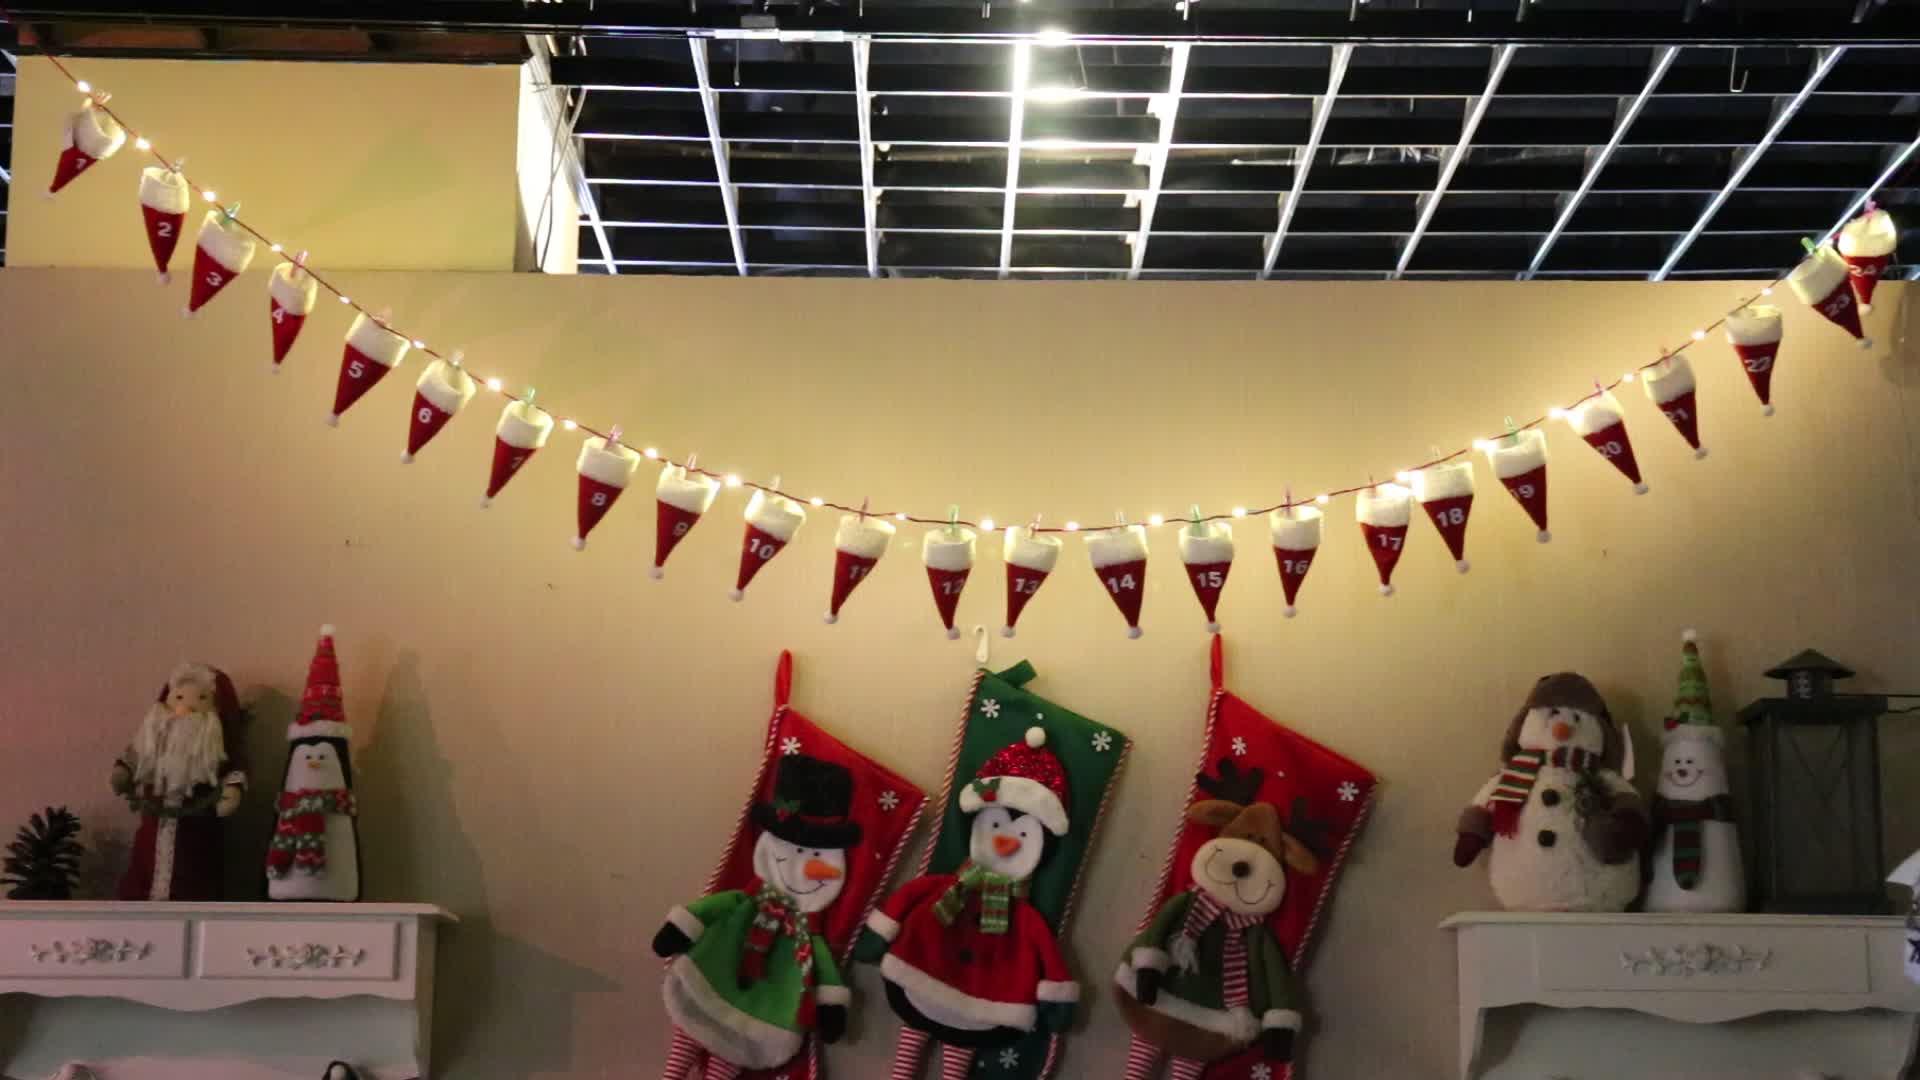 Led Lampu Berkedip Liburan Menggantung Hiasan Natal Bunting Dinding Dekorasi Jendela Buy Natal Dekorasitopi Ornamen Bendera Dengan Led Light